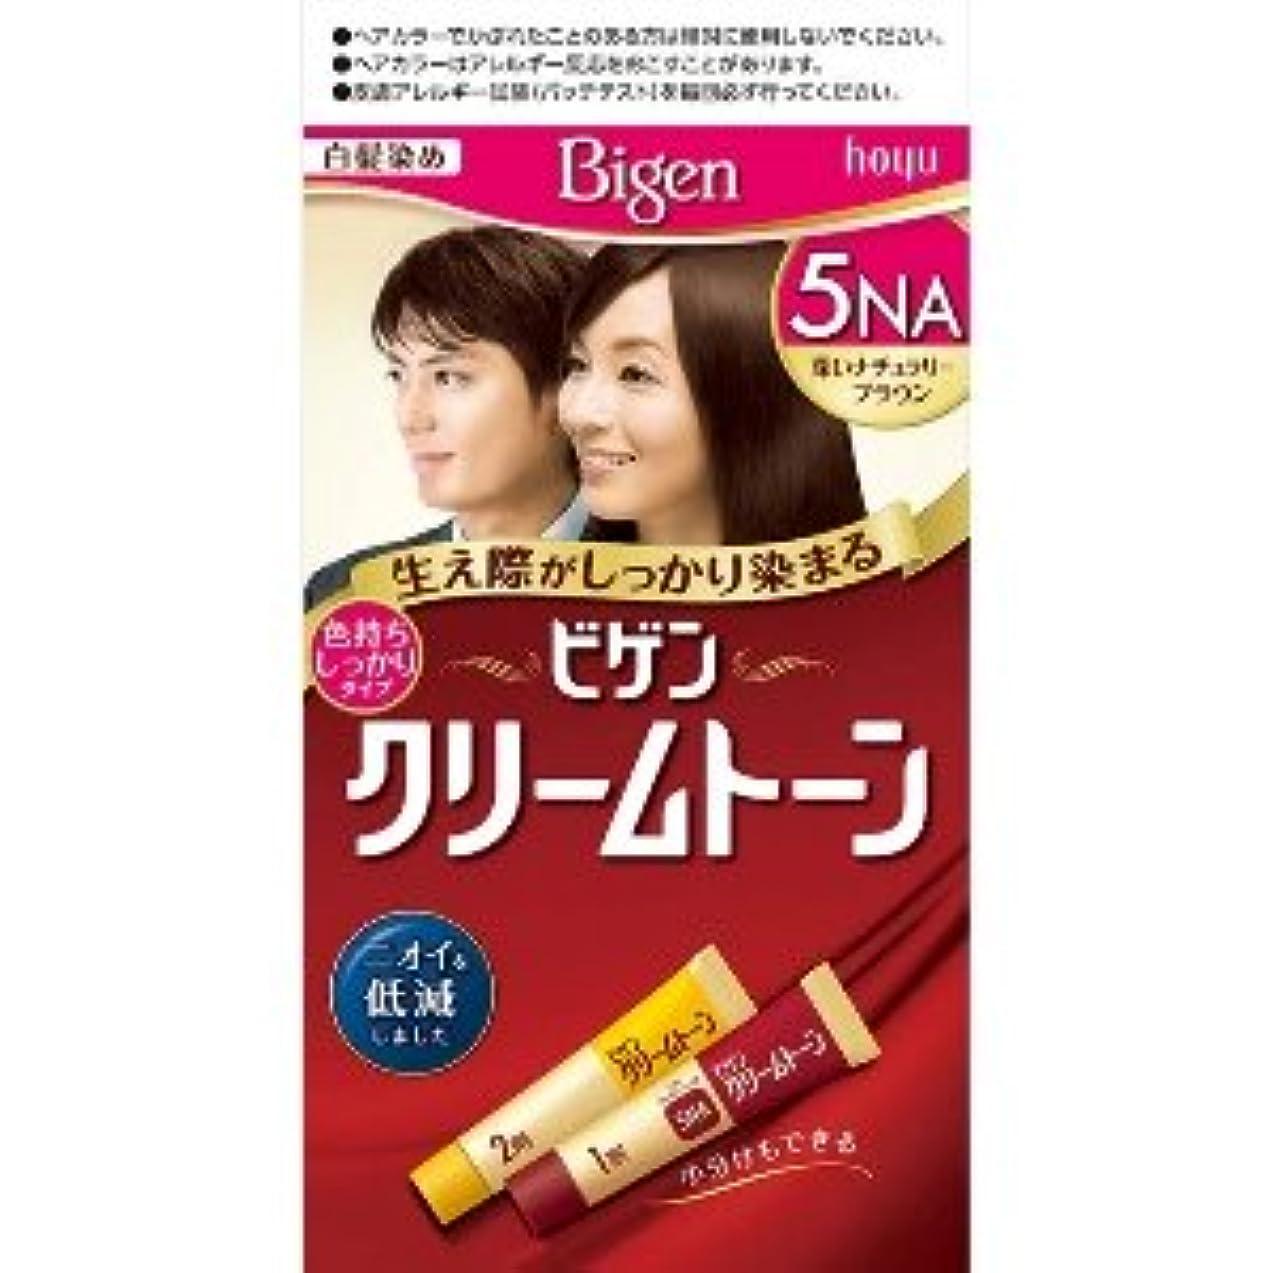 順番減少閉塞ビゲン クリームトーン 5NA(深いナチュラリーブラウン) ×6個